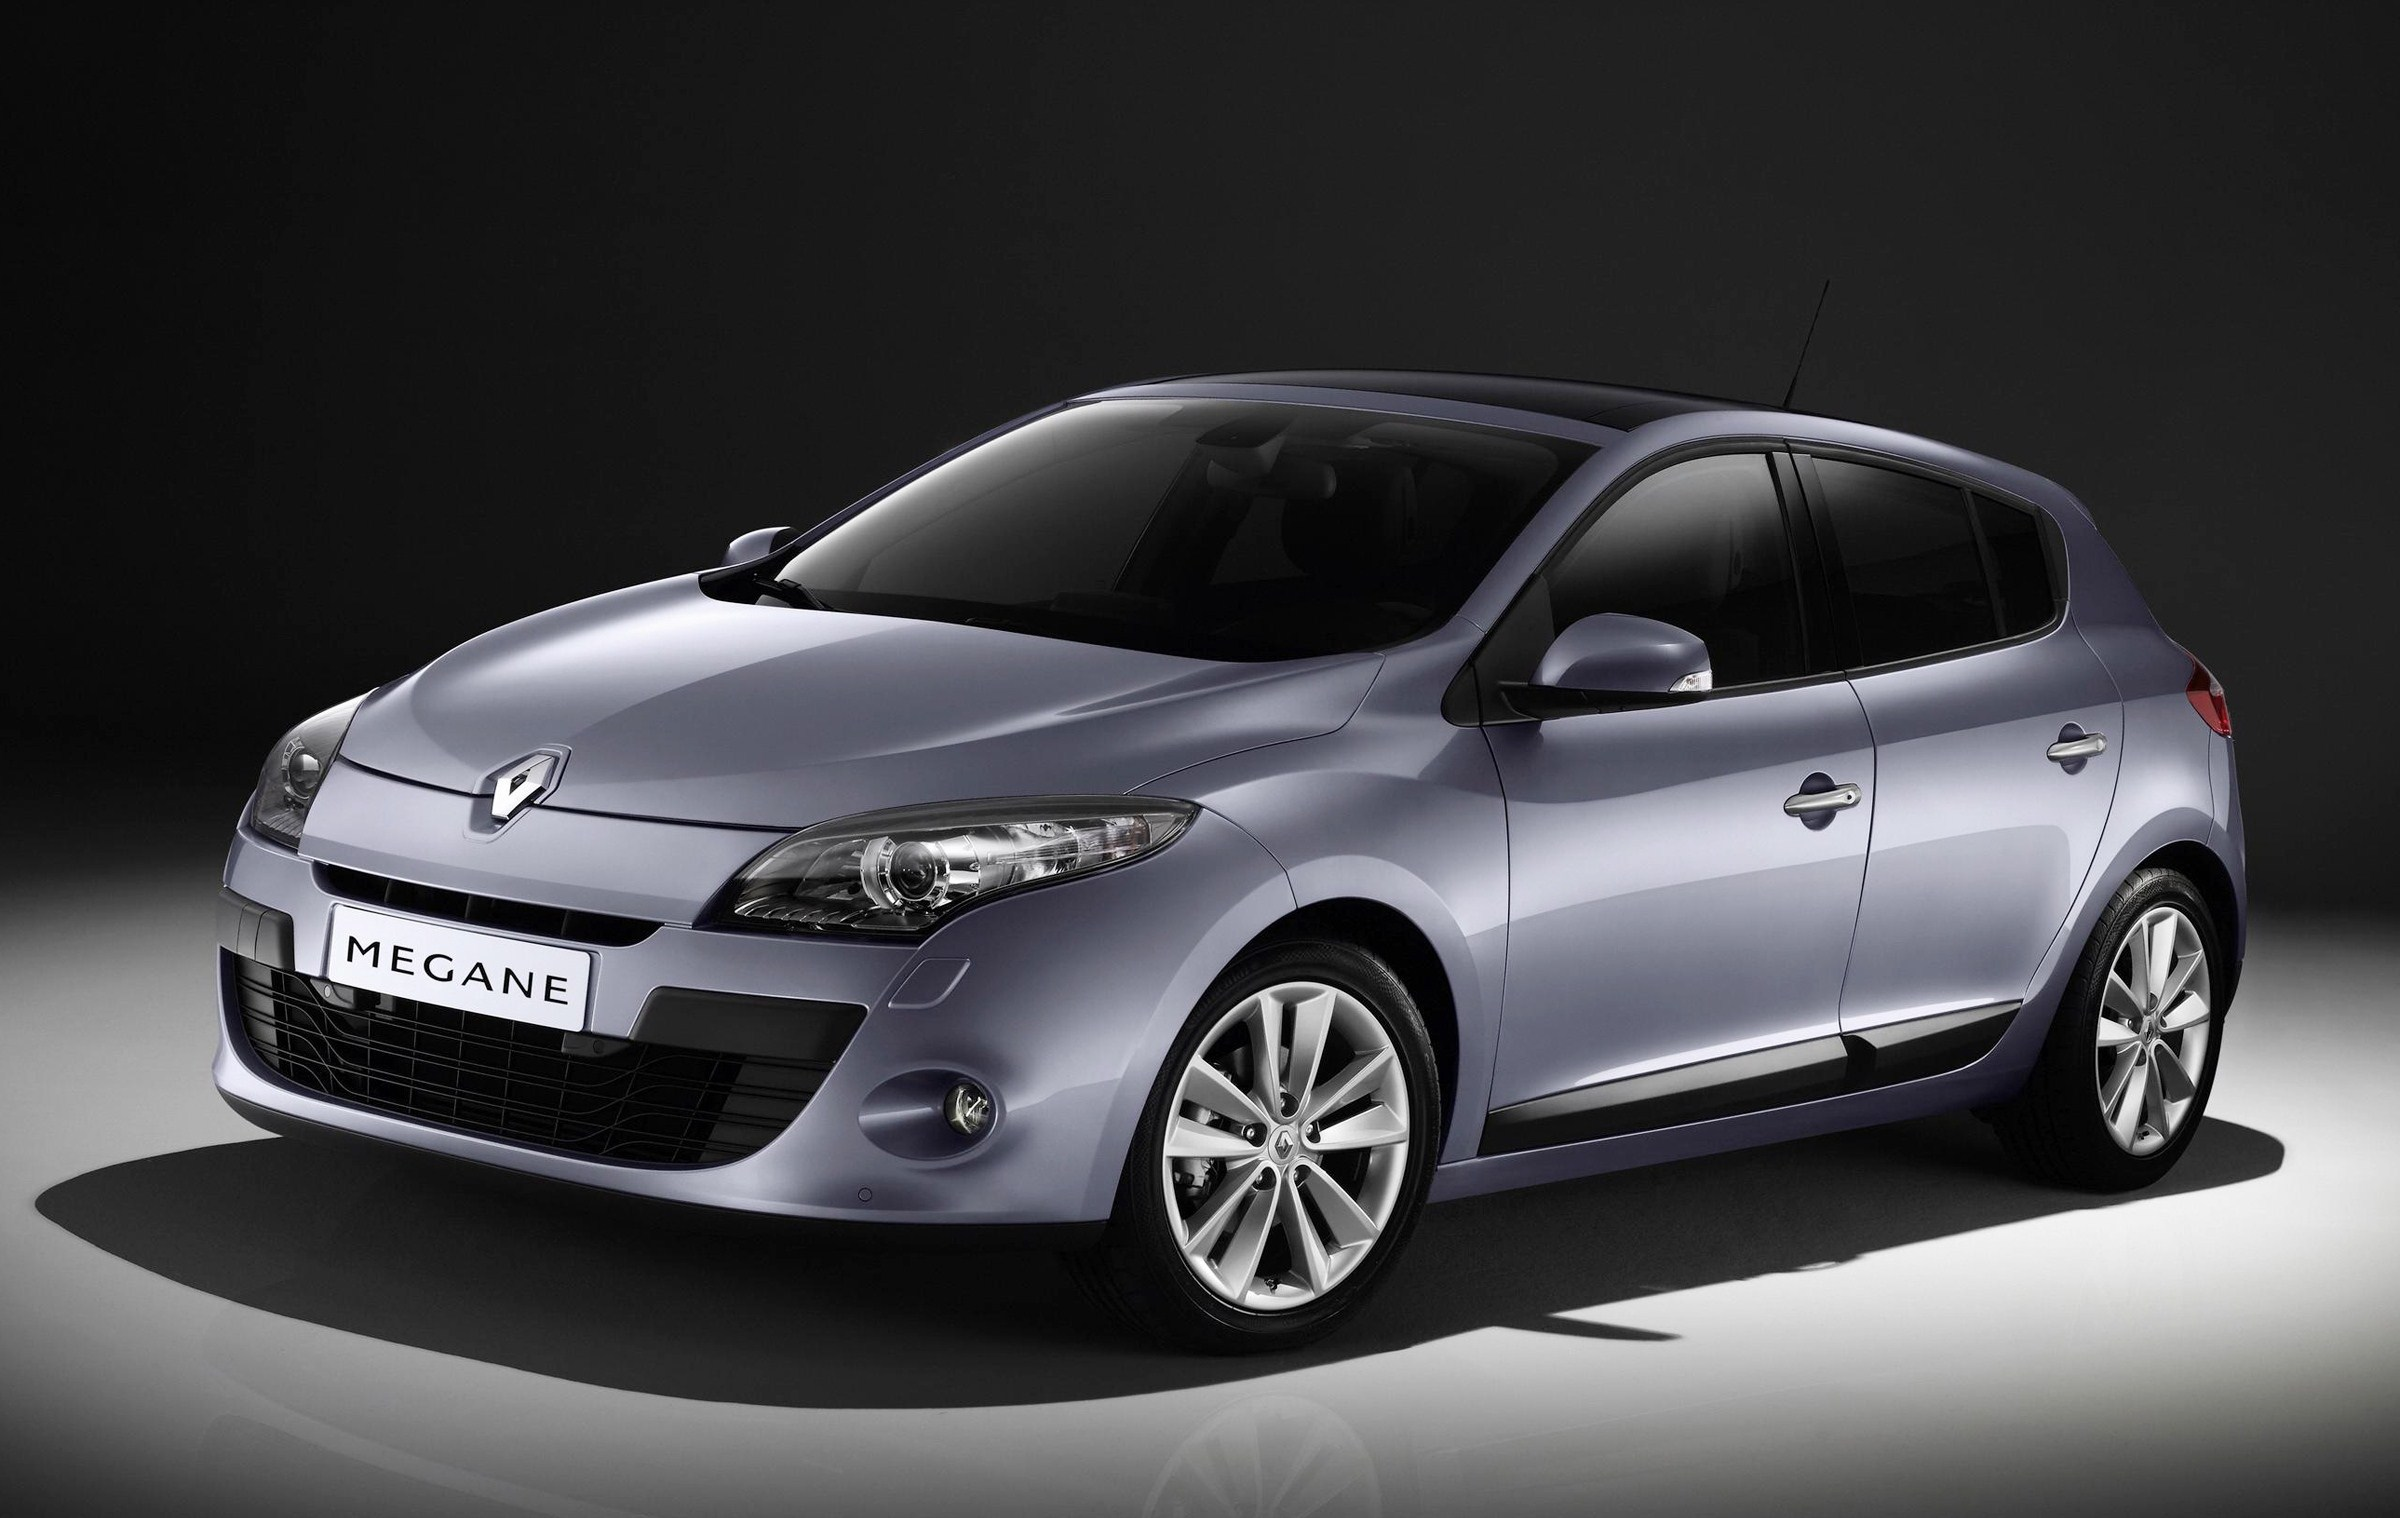 Renault Megane 2013 Hatchback